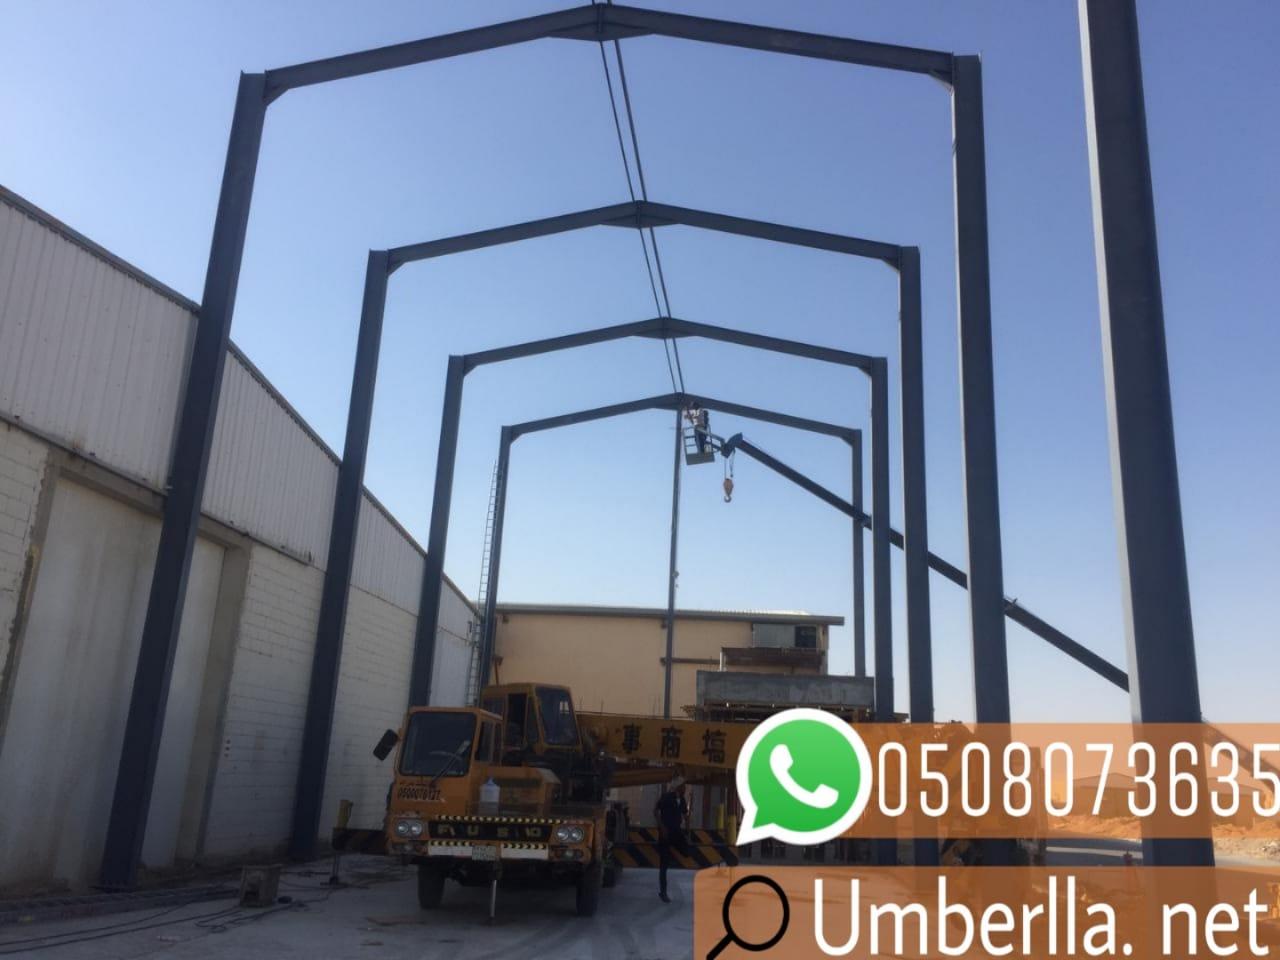 بناء هناجر , 0508073635 , , مشاريع مستودعات و هناجر , مقاول هناجر الرياض  , P_163108y4k9